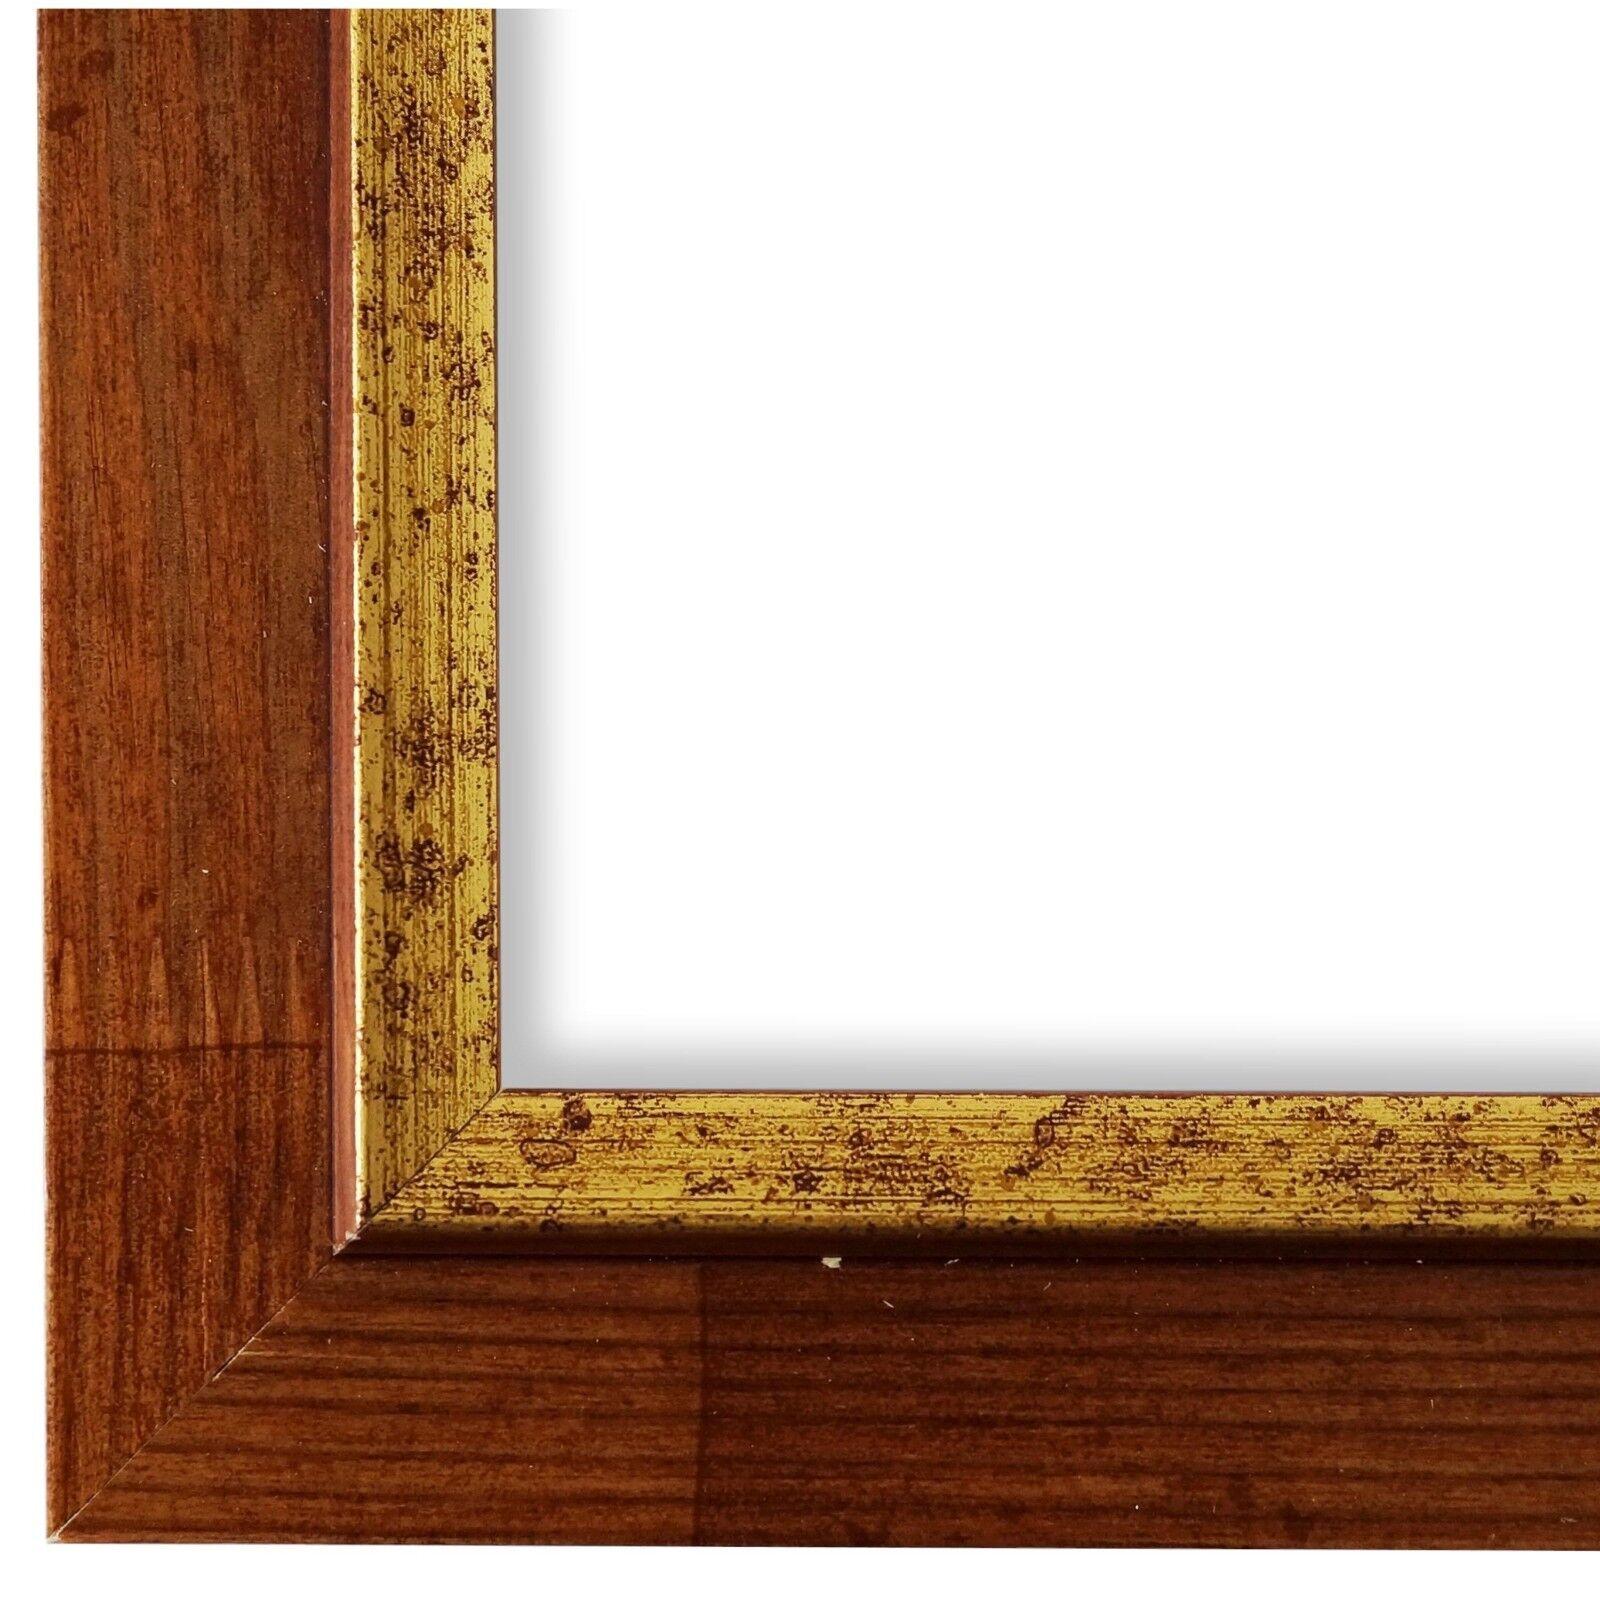 Bilderrahmen Braun Gold Retro Vintage Holz Catanzaro 3,9 - NEU alle Größen